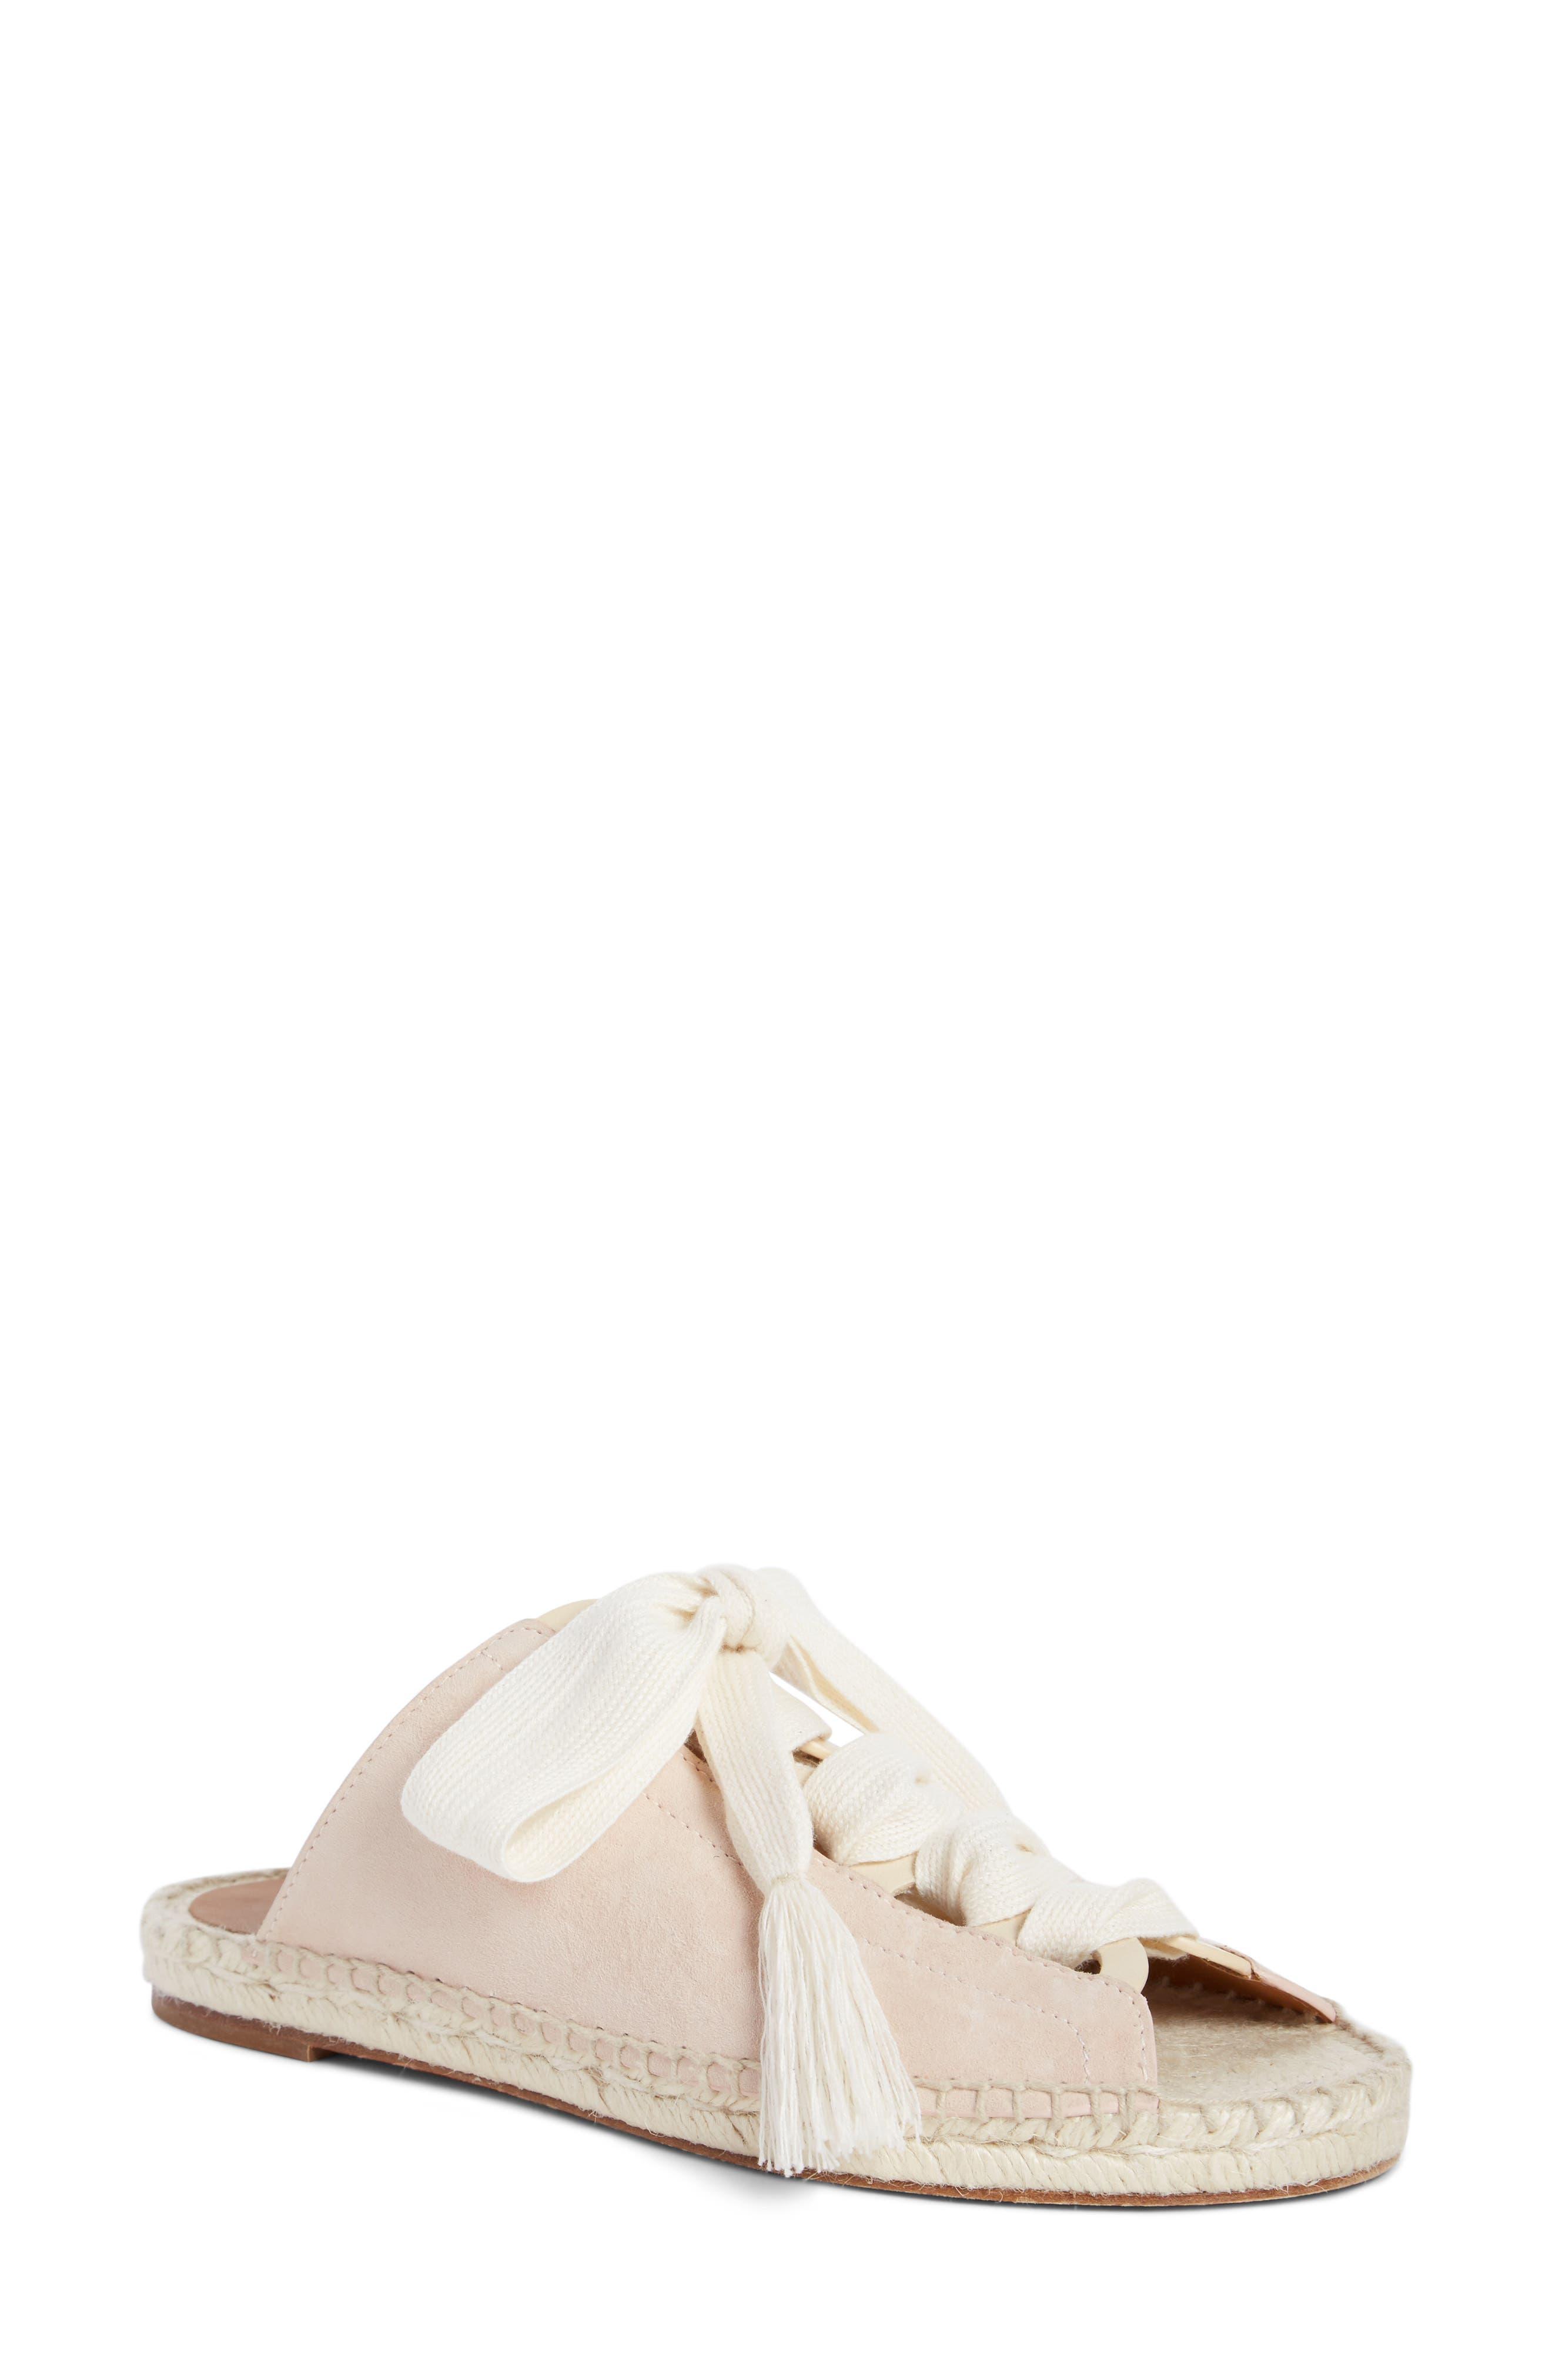 Harper Lace-Up Espadrille Slide Sandal,                         Main,                         color, Maple Pink